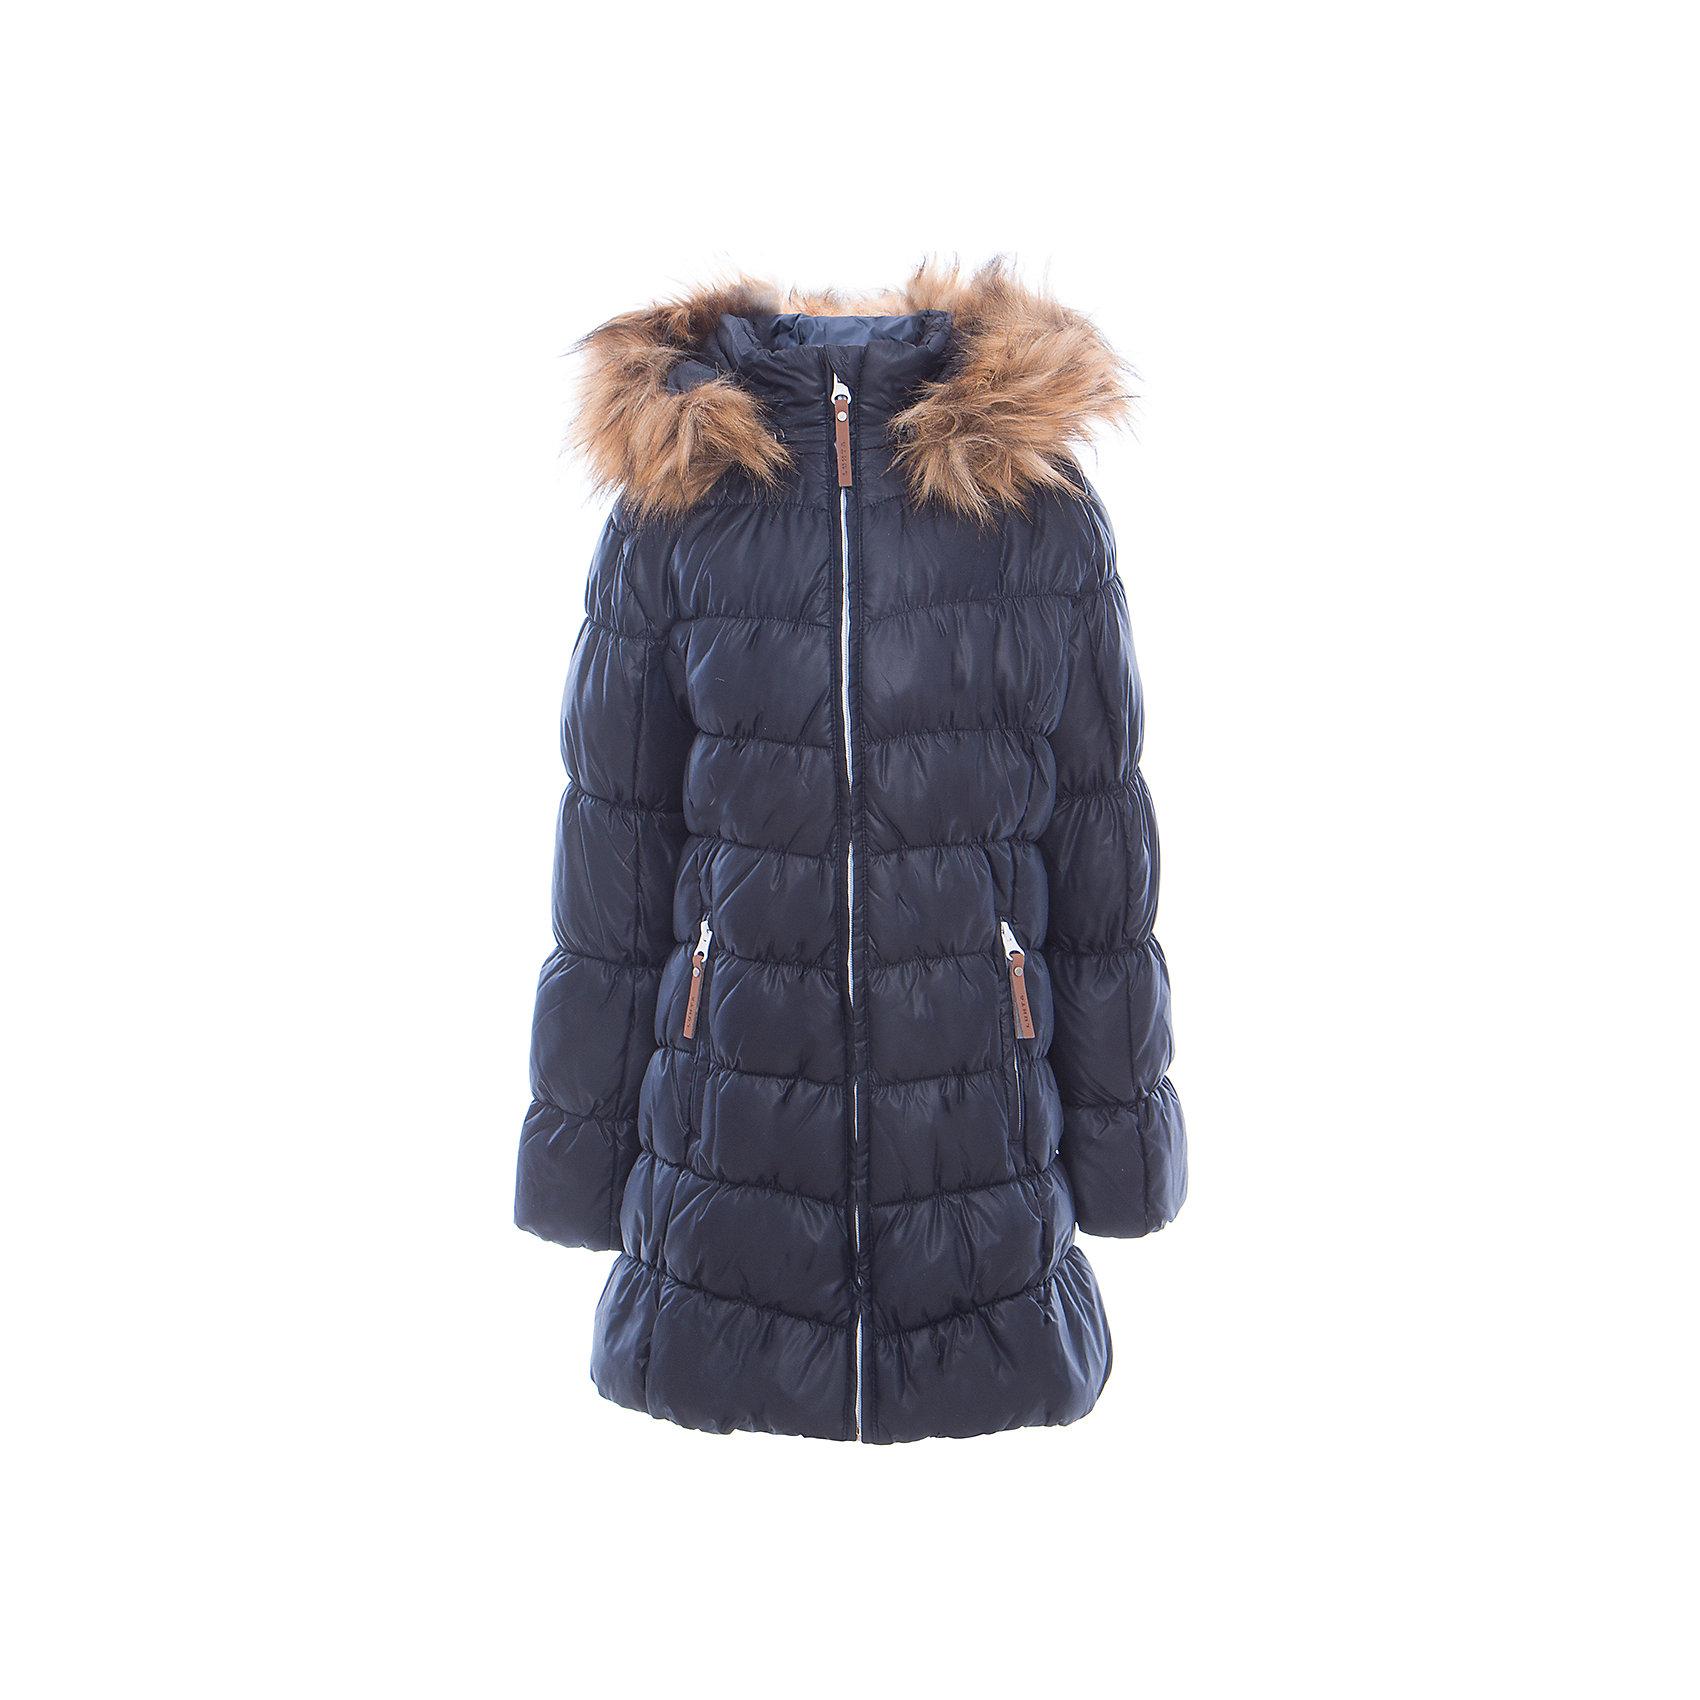 Пальто для девочки LuhtaОдежда<br>Пальто для девочки от известного бренда Luhta.<br>Пальто с отстегивающимся капюшоном, искусственный мех, элегантный силуэт, декоративная прострочка, боковые карманы на молнии, утепление 280 гр. Рекомендуемый температурный режим до -30 град. Внутри пальто находится температурный датчик.<br>Технологии: Luhta WATER REPELLENT; Luhta SAFETY; Luhta TEMPERATURE CONTROL; Luhta DOWN MIX; Luhta -30; Reflectors<br>Состав:<br>100% полиэстер<br><br>Ширина мм: 356<br>Глубина мм: 10<br>Высота мм: 245<br>Вес г: 519<br>Цвет: синий<br>Возраст от месяцев: 156<br>Возраст до месяцев: 168<br>Пол: Женский<br>Возраст: Детский<br>Размер: 164,134,140,146,152,158<br>SKU: 5414028